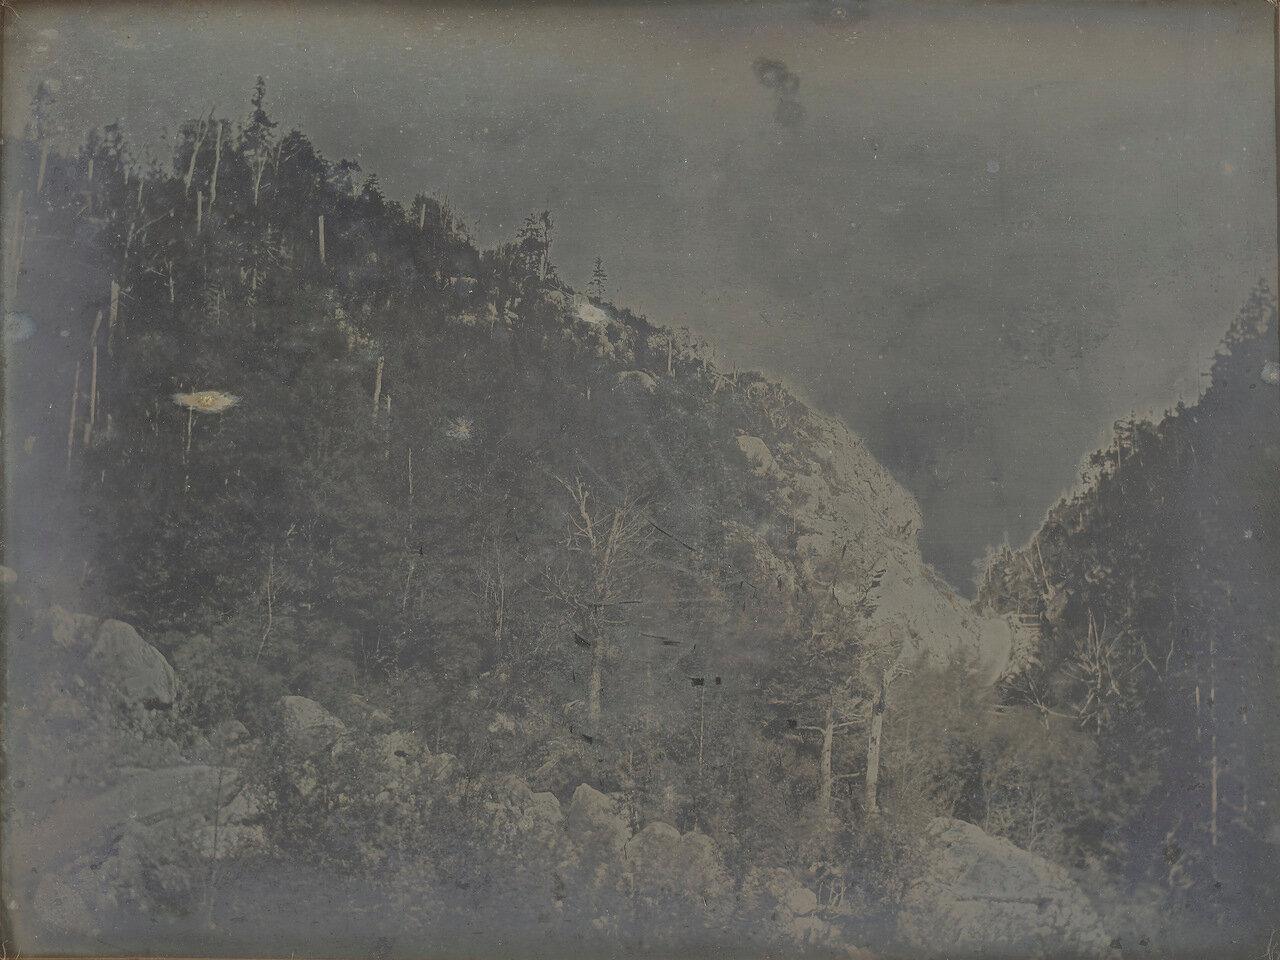 1840. Крофорд Нотч, Нью Гемпшир